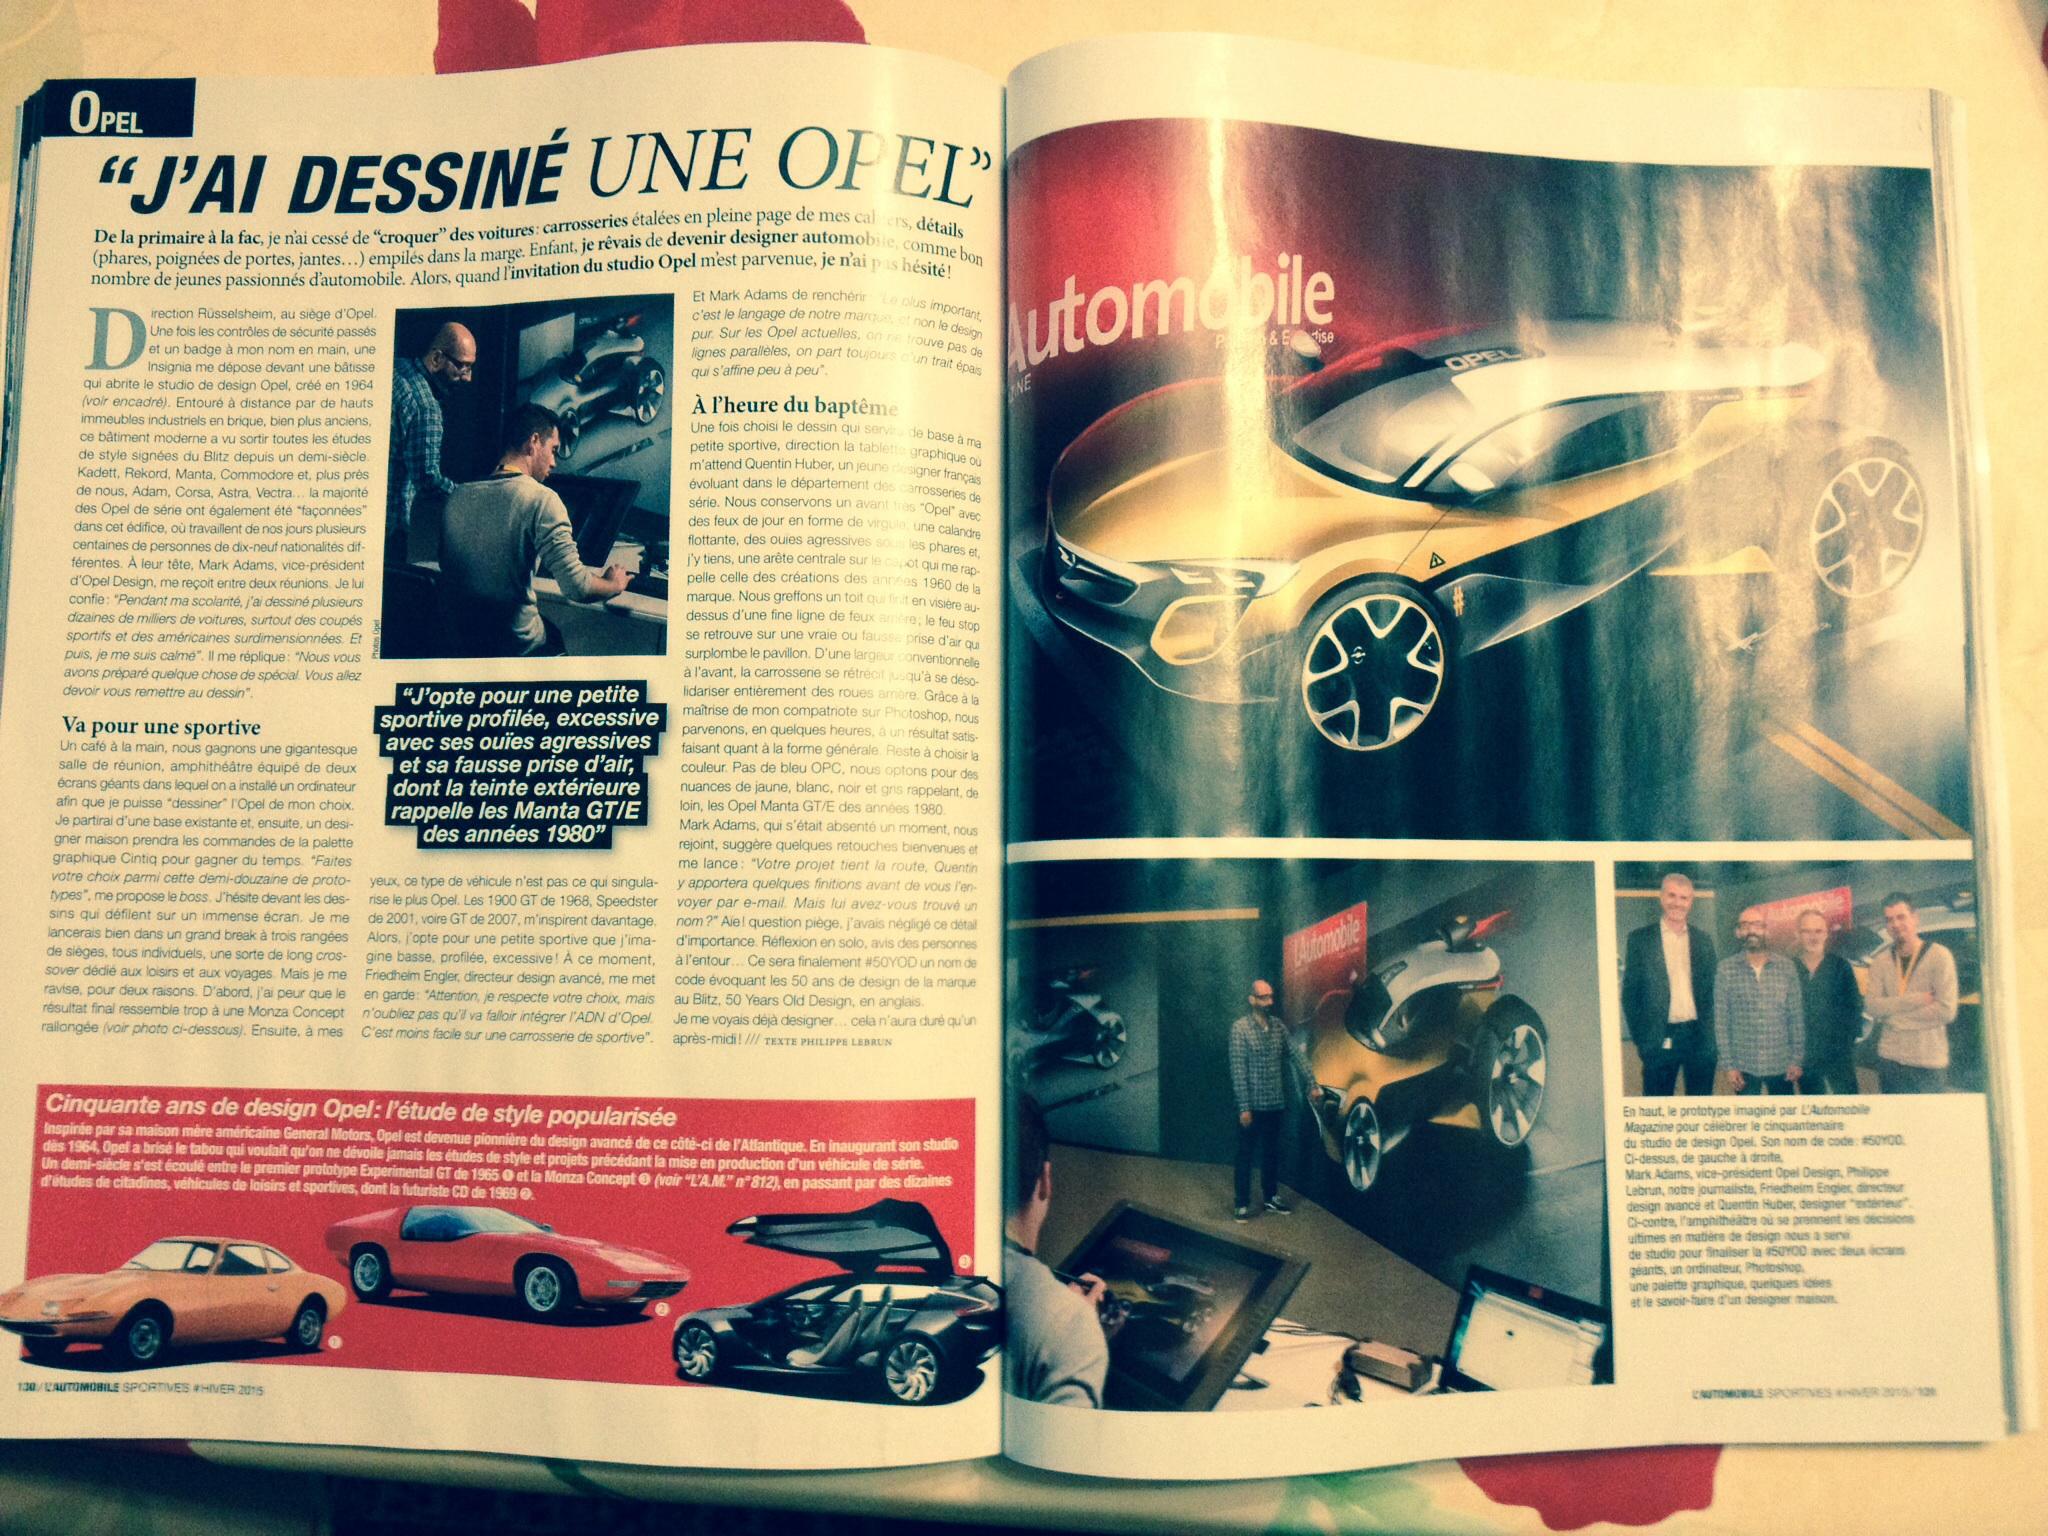 [Présentation] Le design par Opel - Page 3 511517image714